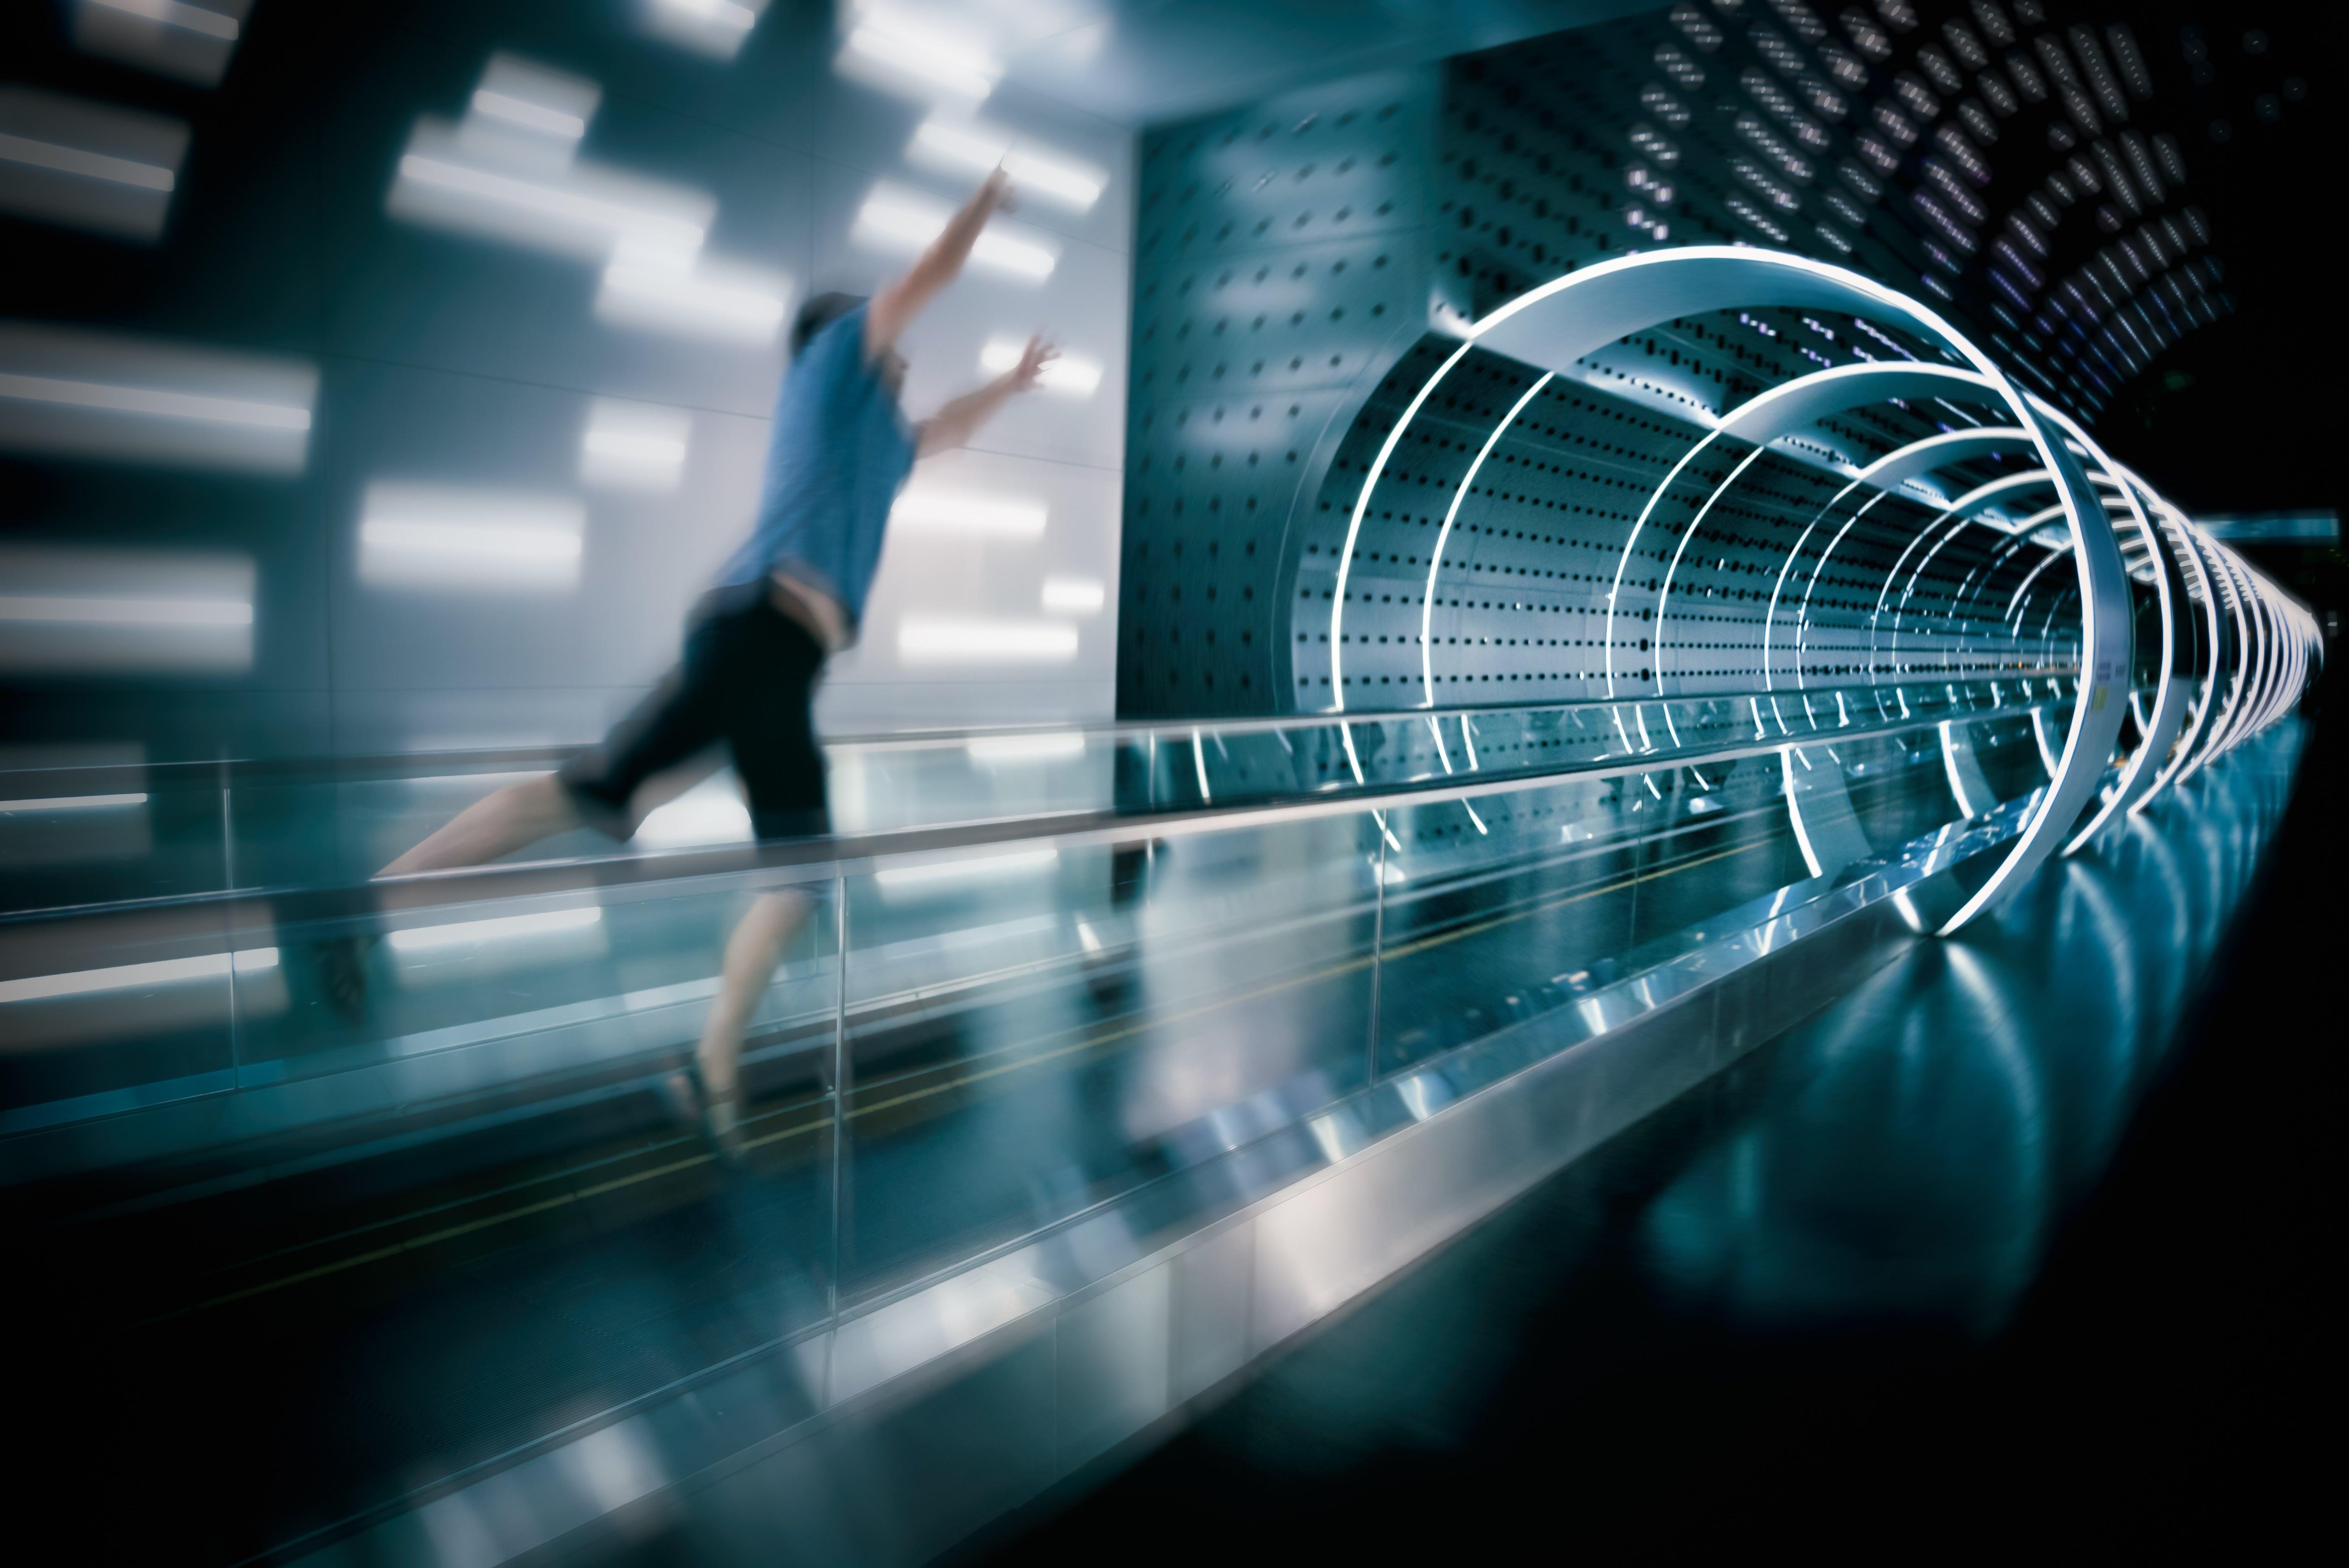 Put kroz vrijeme - iluzija ili mogućnost?